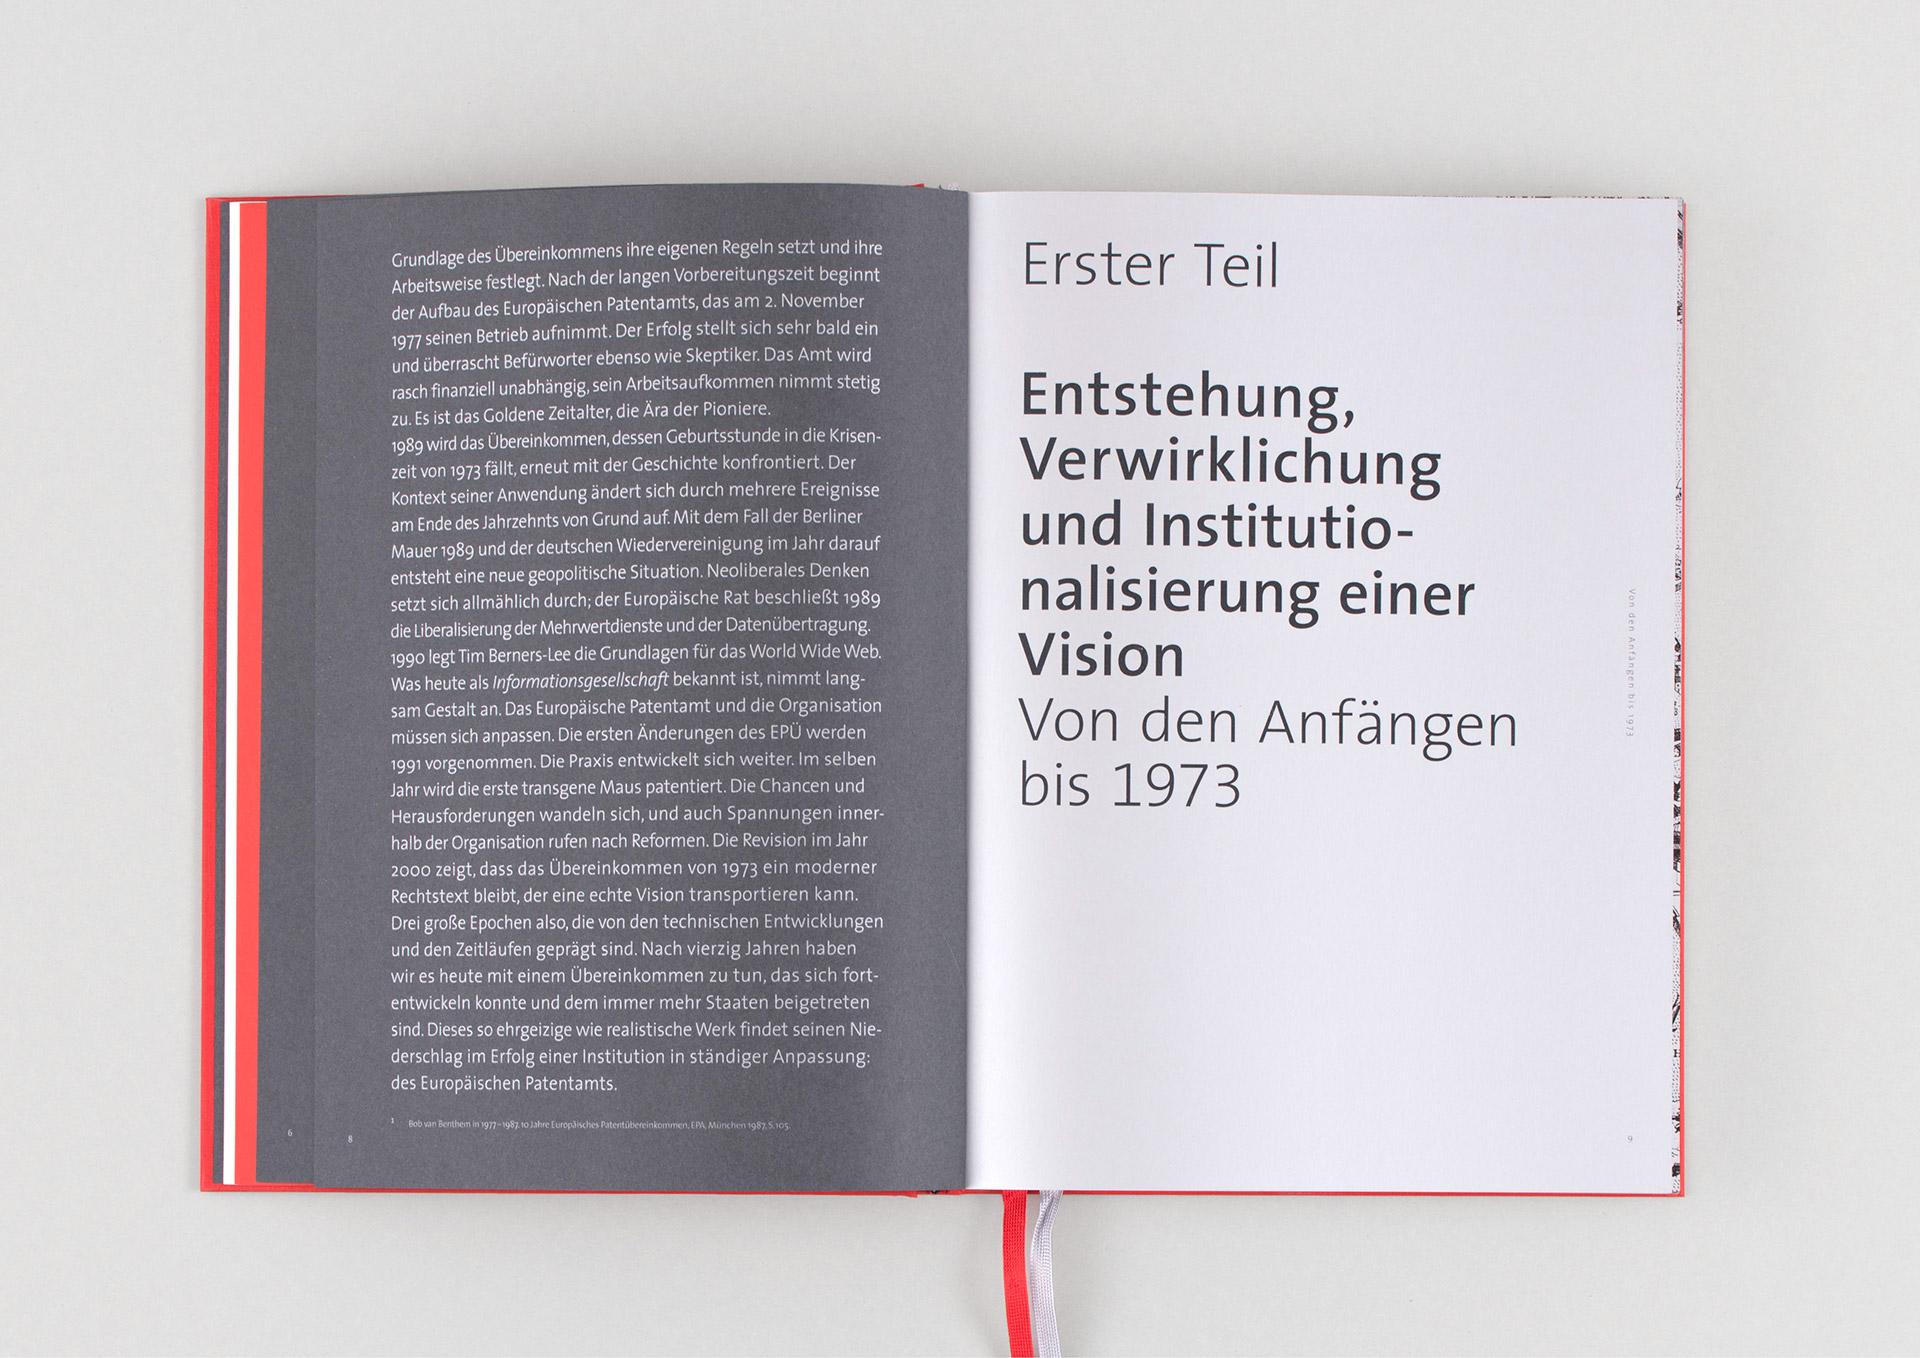 Martin-Steiner-Gestaltung140_b